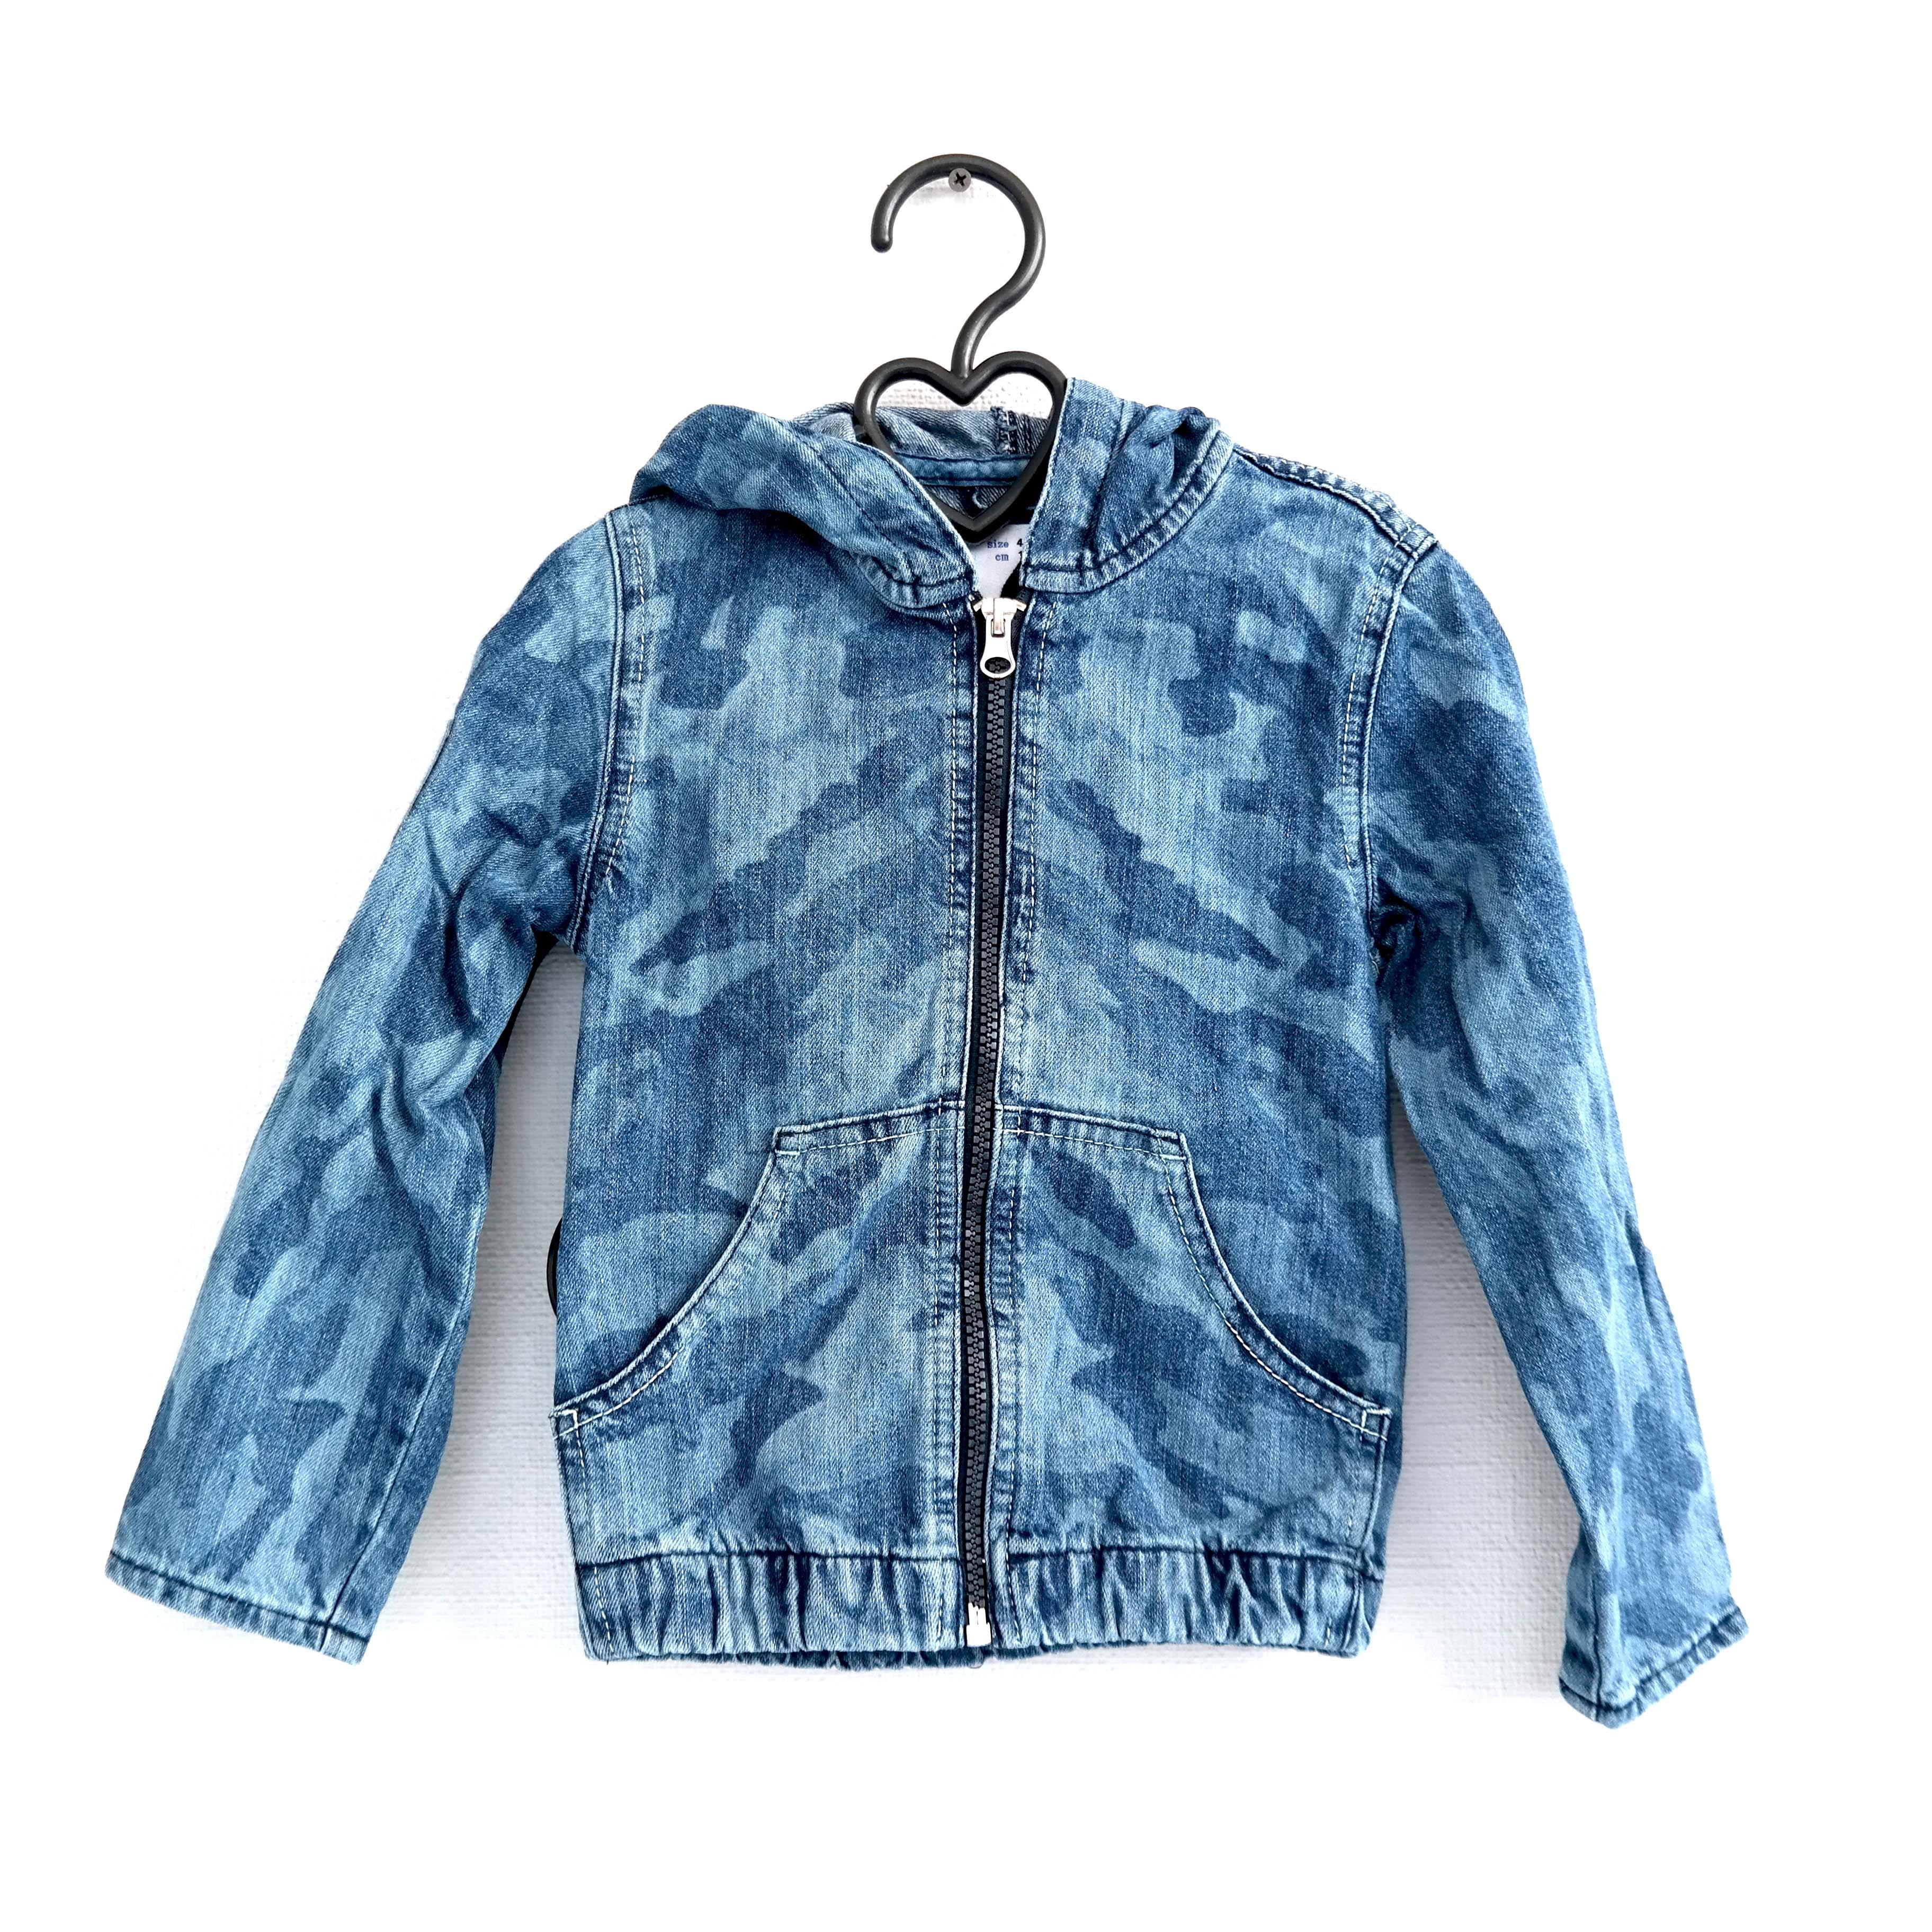 Детская джинсовая куртка (для девочек) в Челябинске